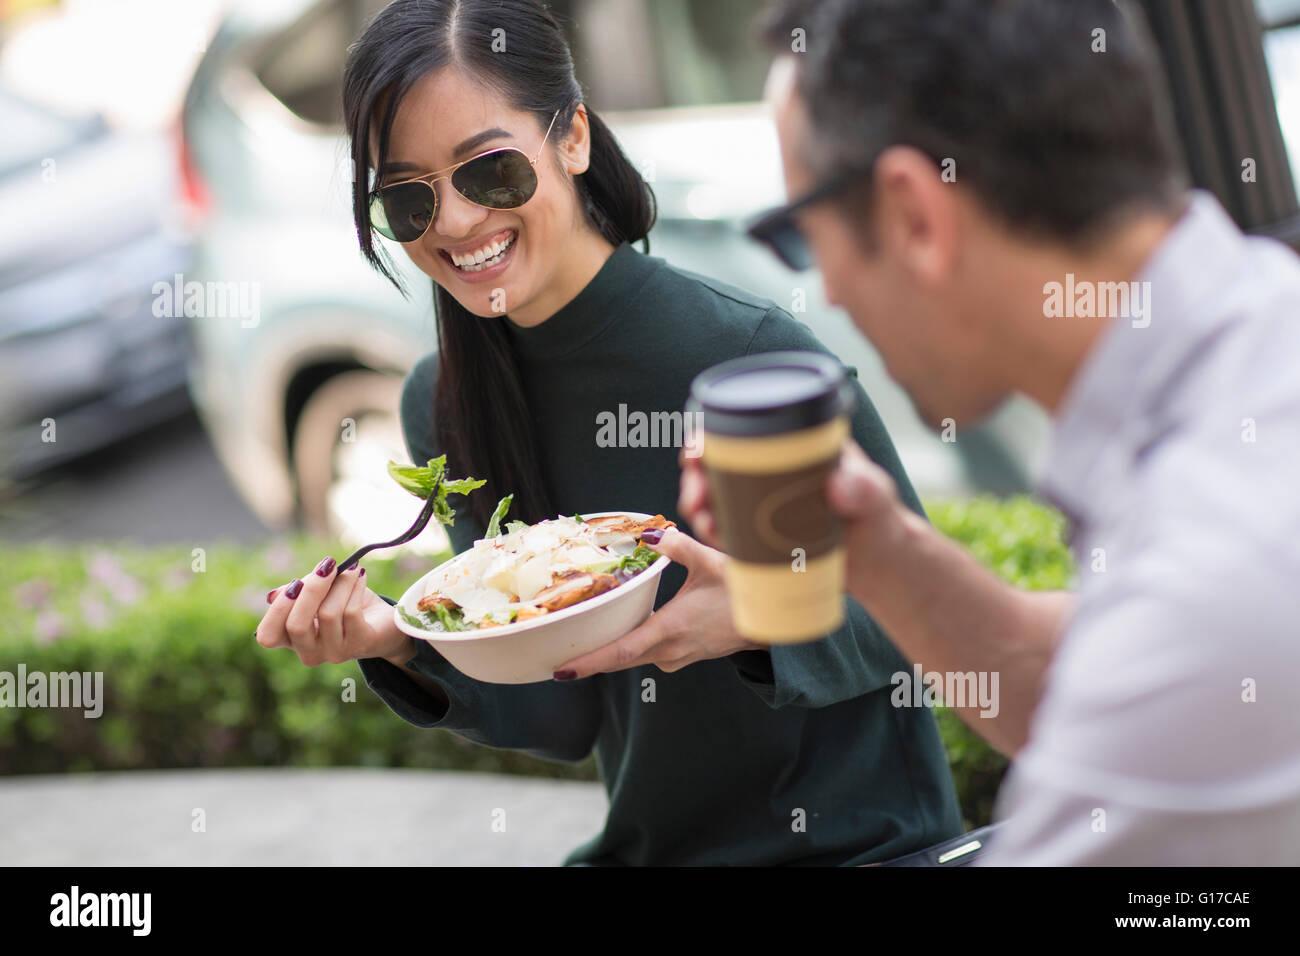 Couple at sidewalk cafe enjoying lunch - Stock Image